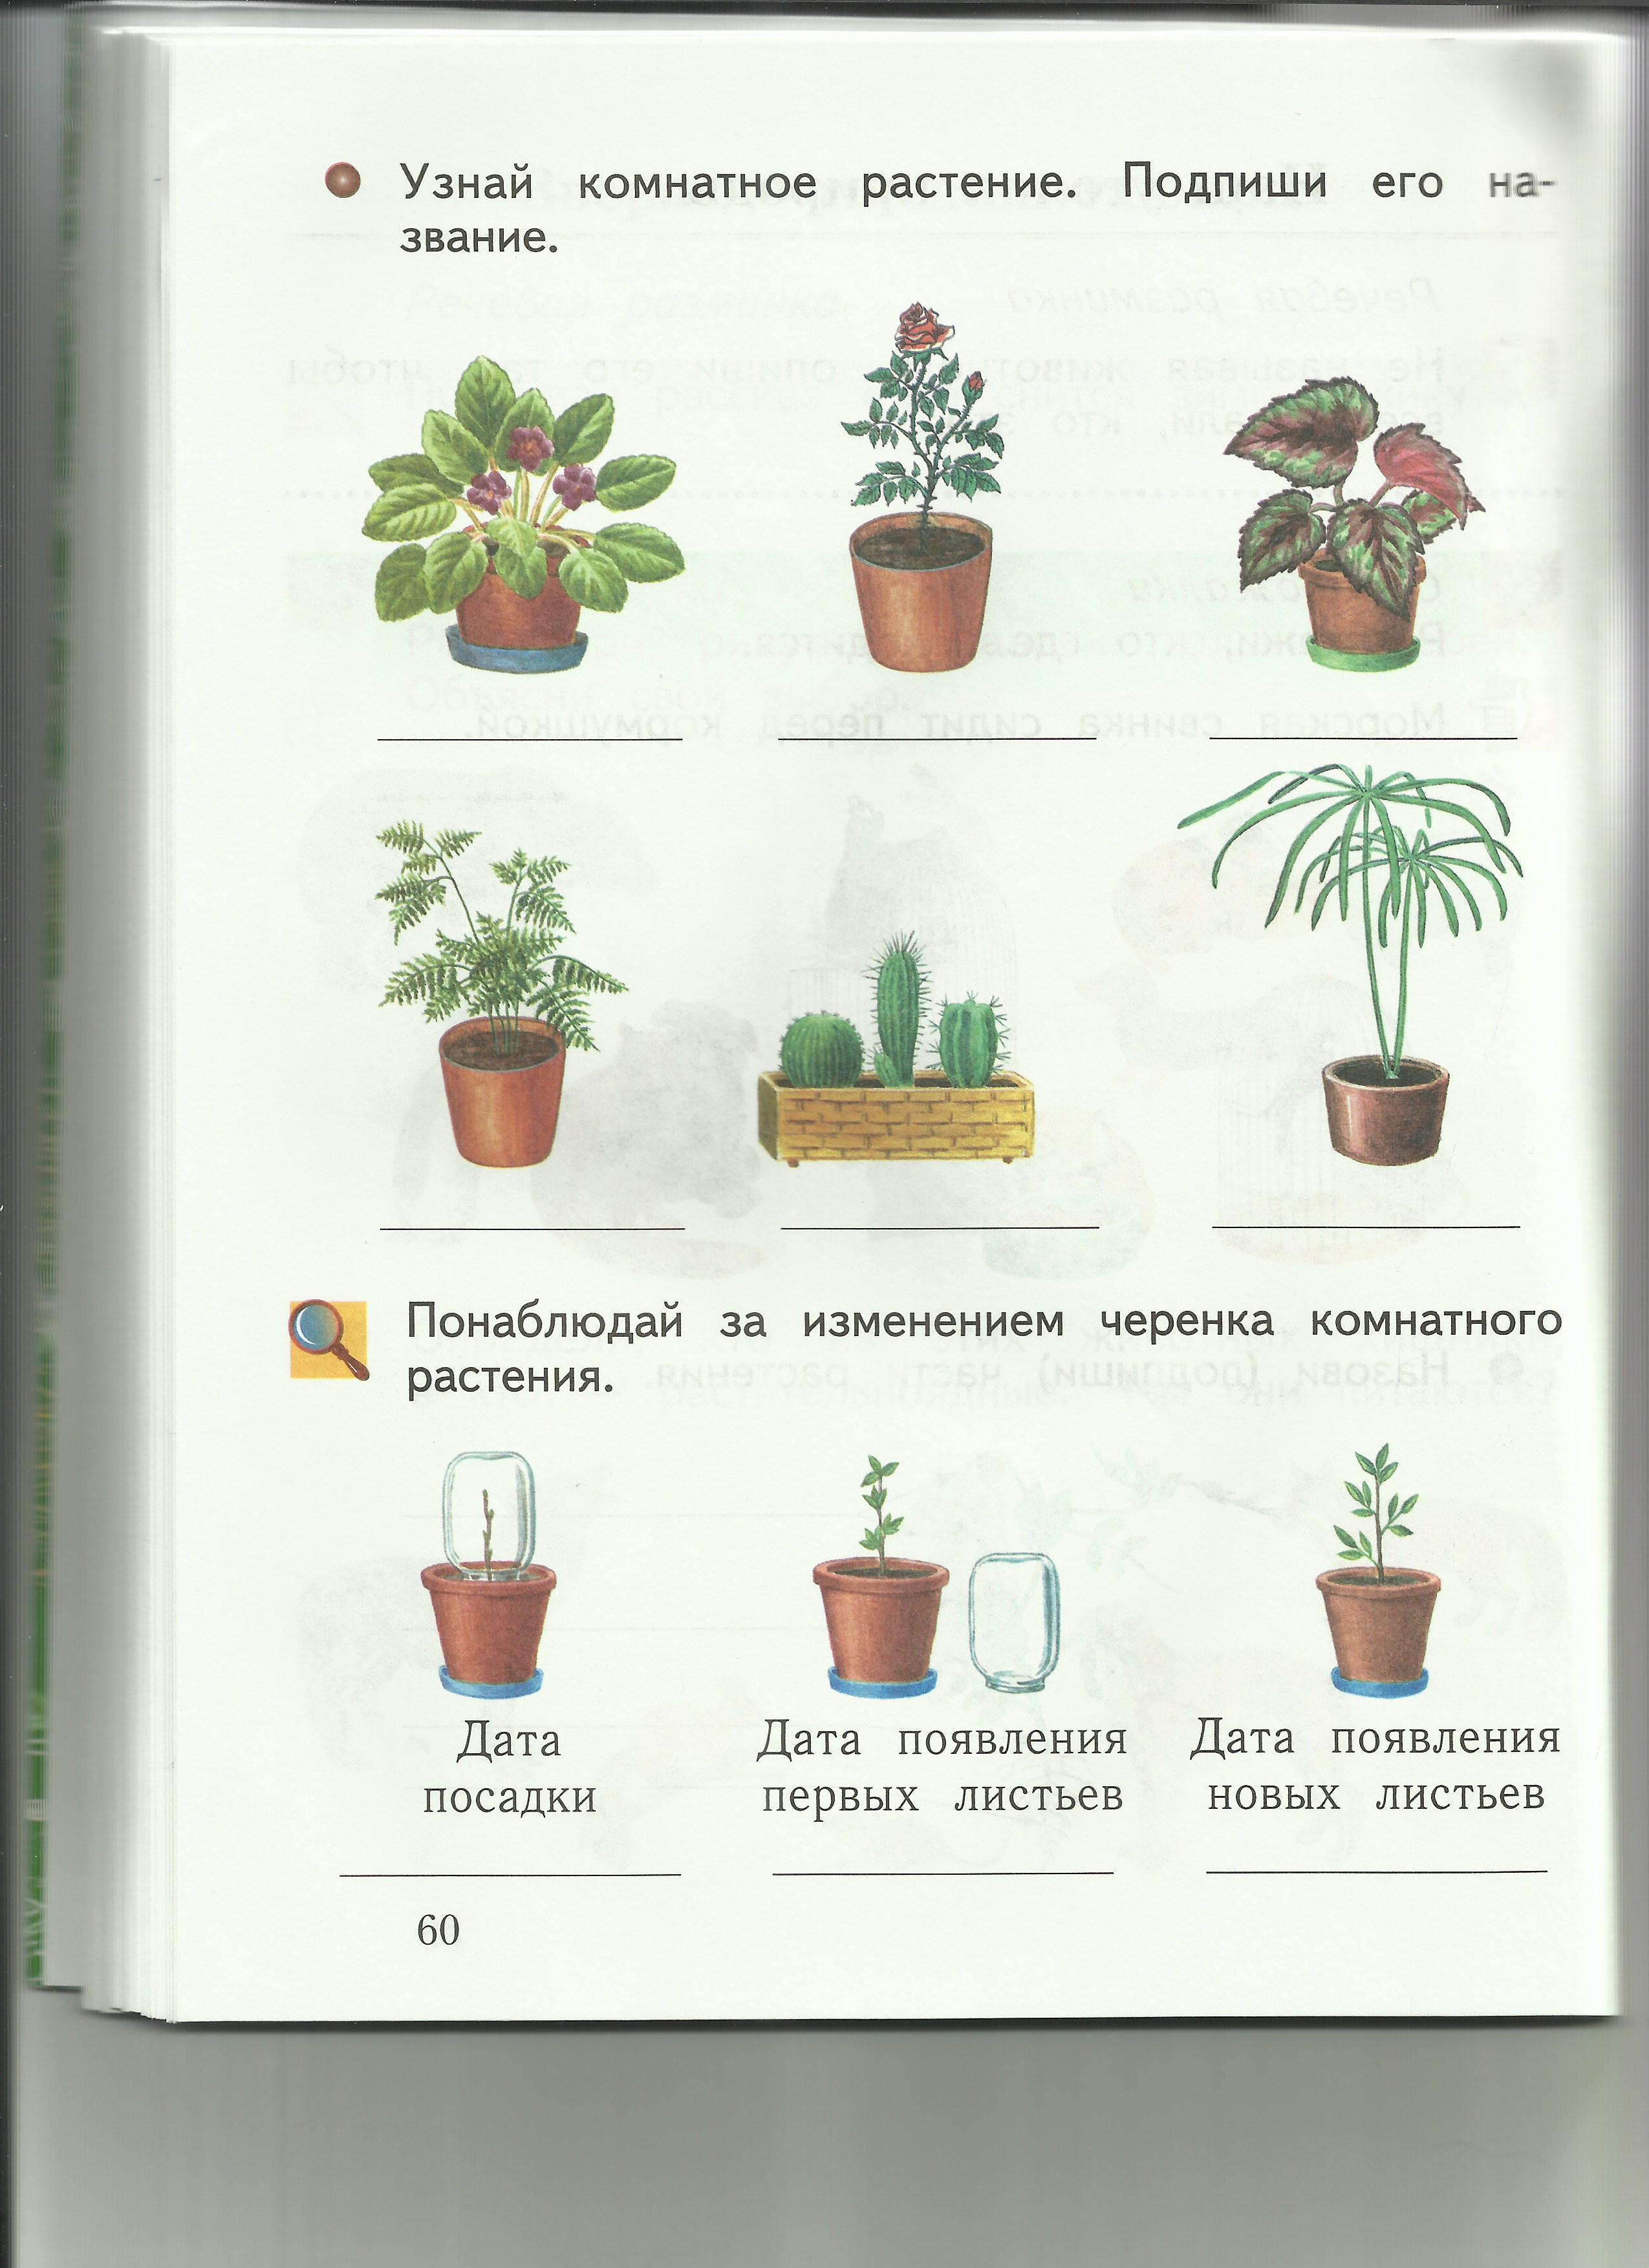 C:\Users\пр\Desktop\папка растения 8\8узнай растение.jpg